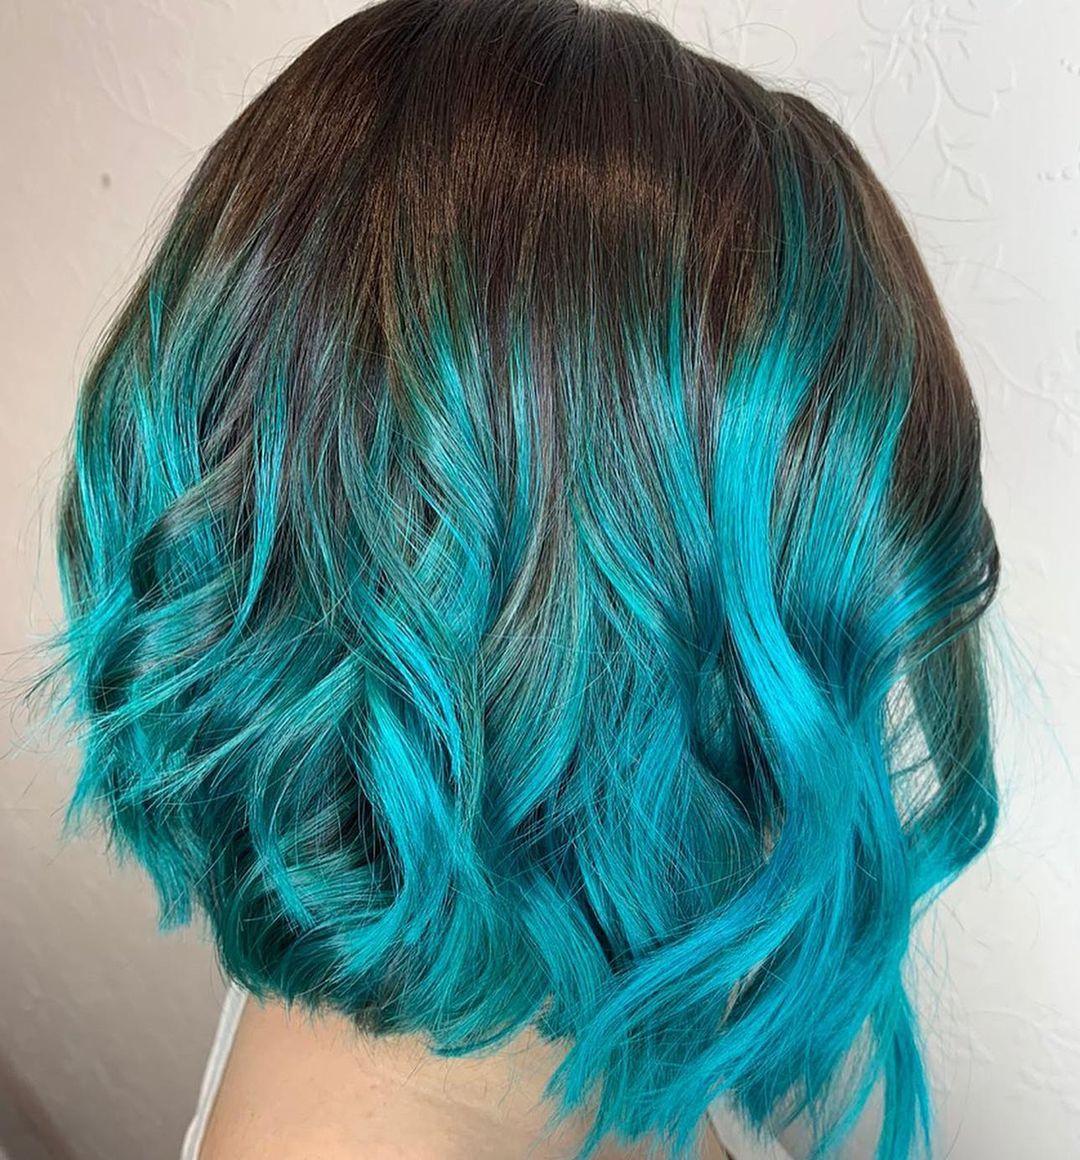 الشعر الأسود مع الهايلايت الأزرق